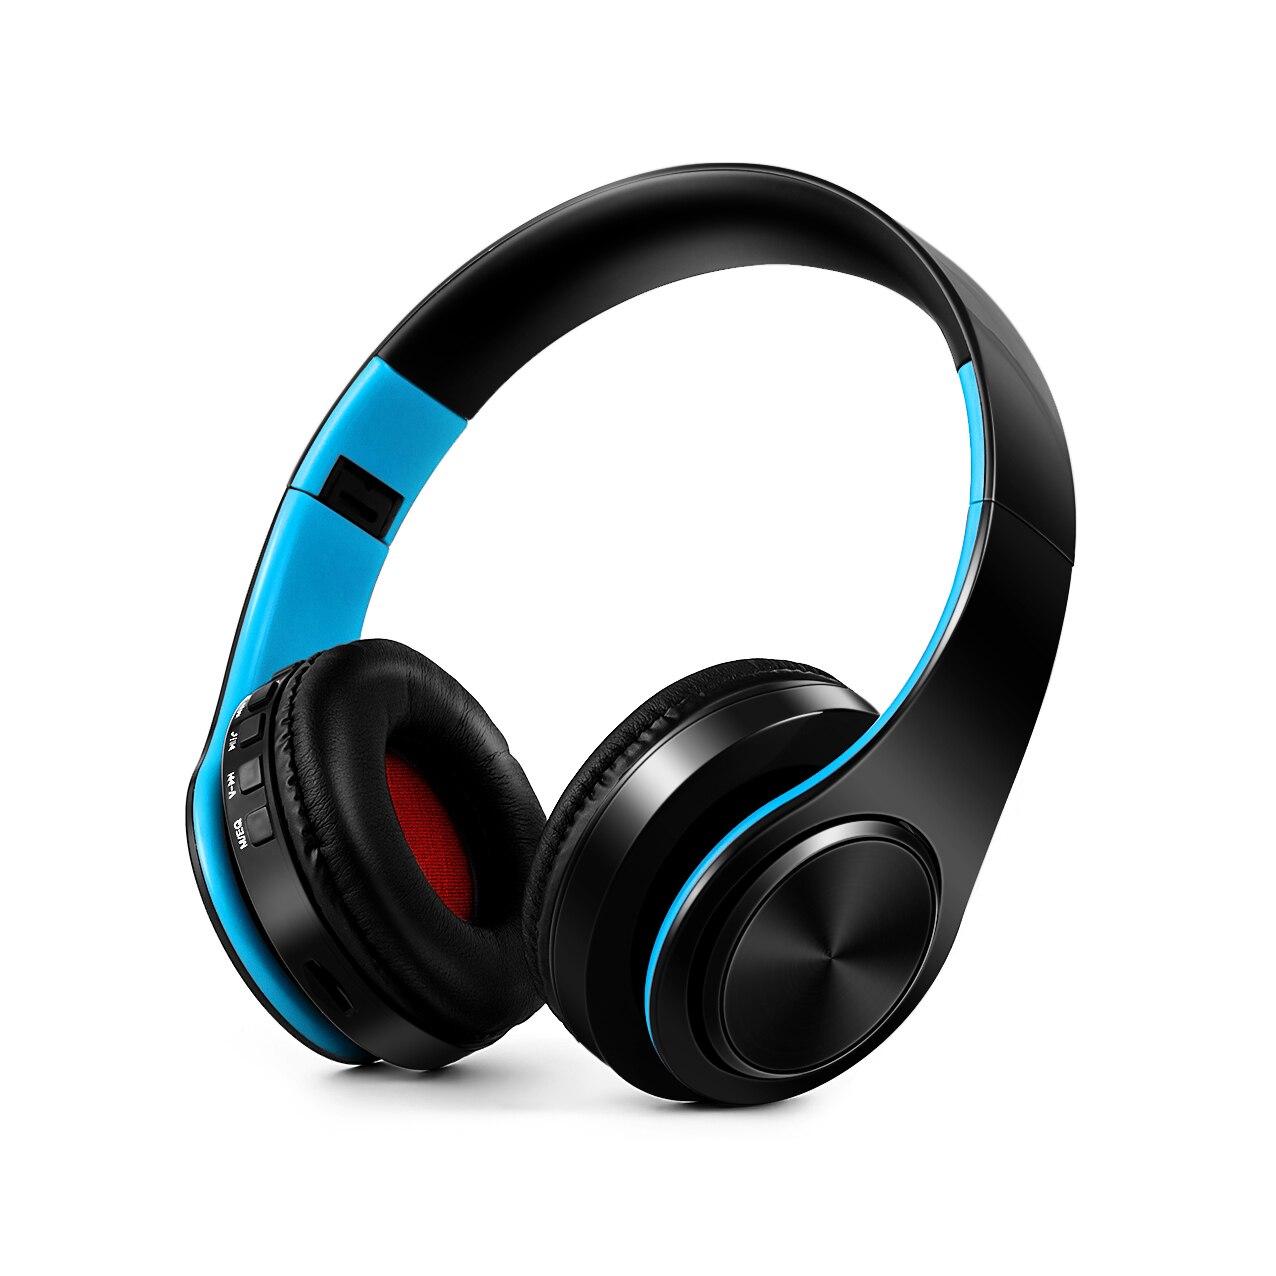 bilder für EASYIDEA Bluetooth Kopfhörer Stereo Faltbare Sport Kopfhörer Drahtlose Tragbare Headset Unterstützung Sd-karte Mit Mic Für Musik-handy